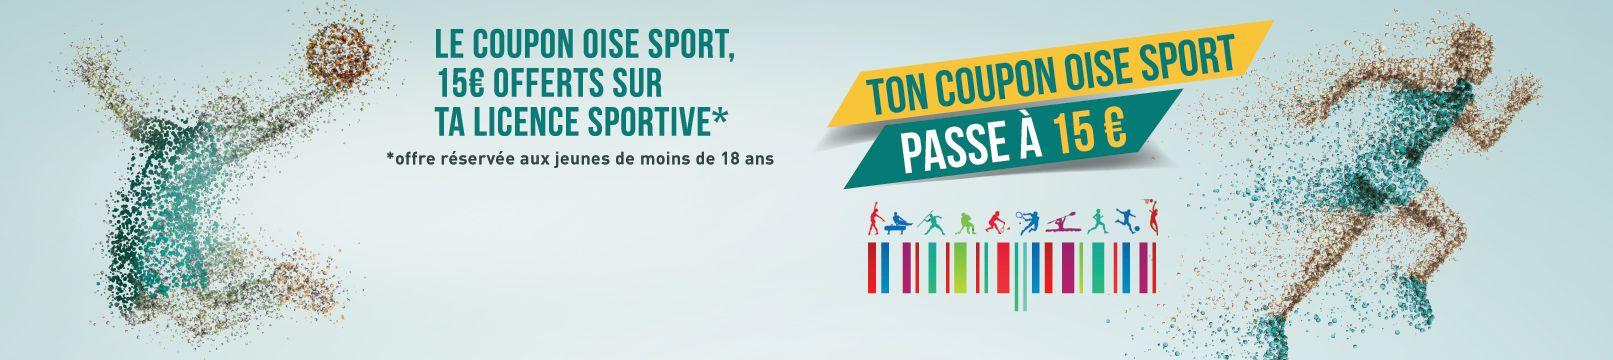 Coupon sport 2014